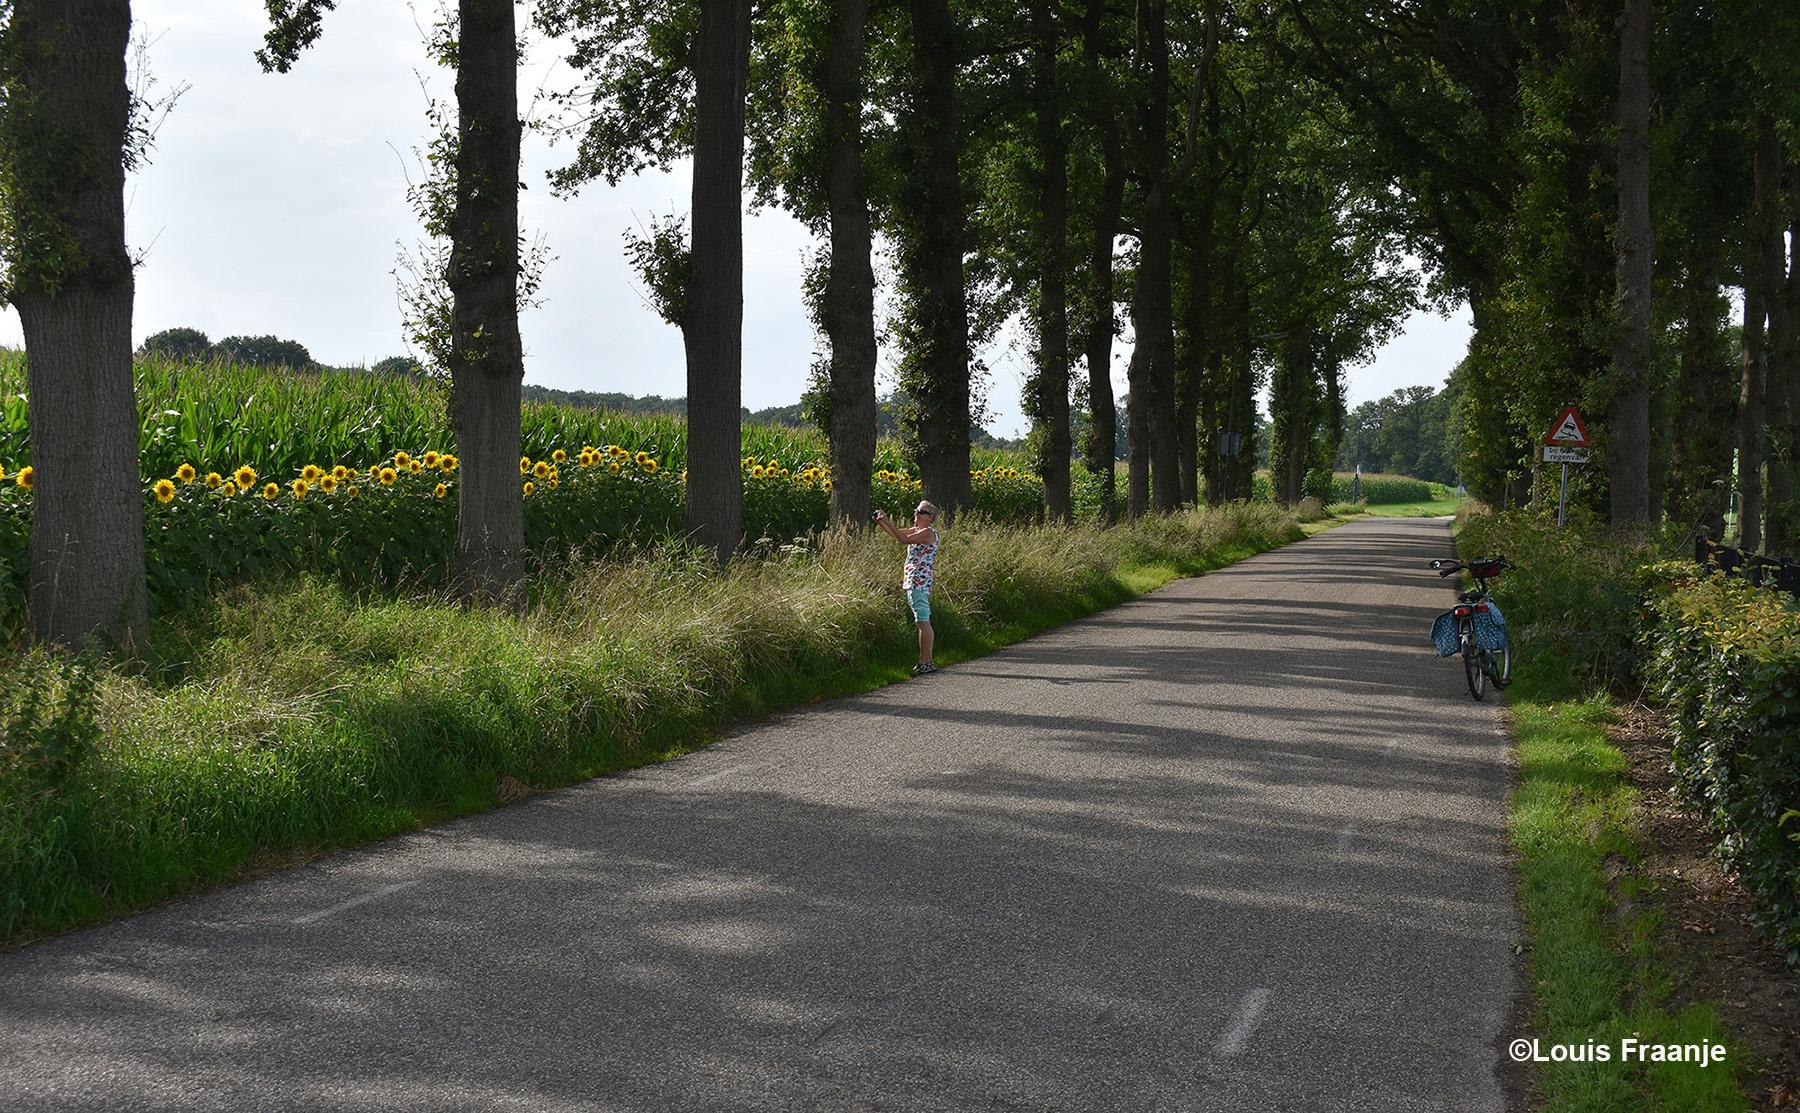 Bij de Cuneraweg stoppen we uiteraard voor de prachtige rijen met zonnebloemen - Foto: ©Louis Fraanje